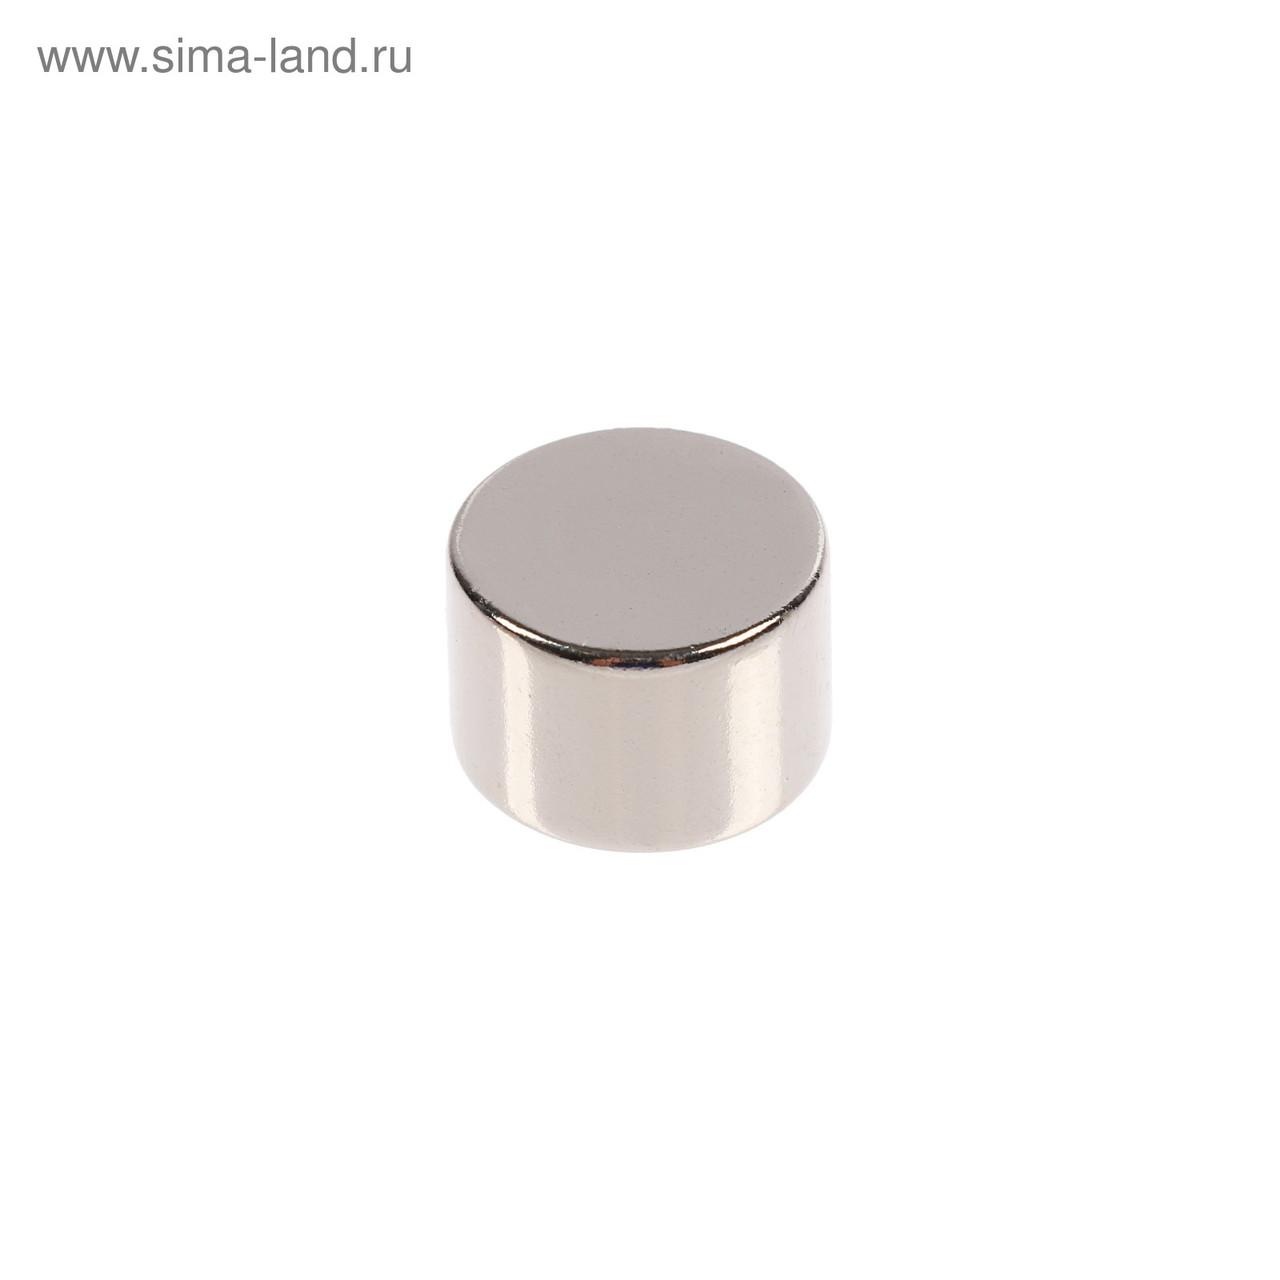 Неодимовый магнит 20 * 20 мм